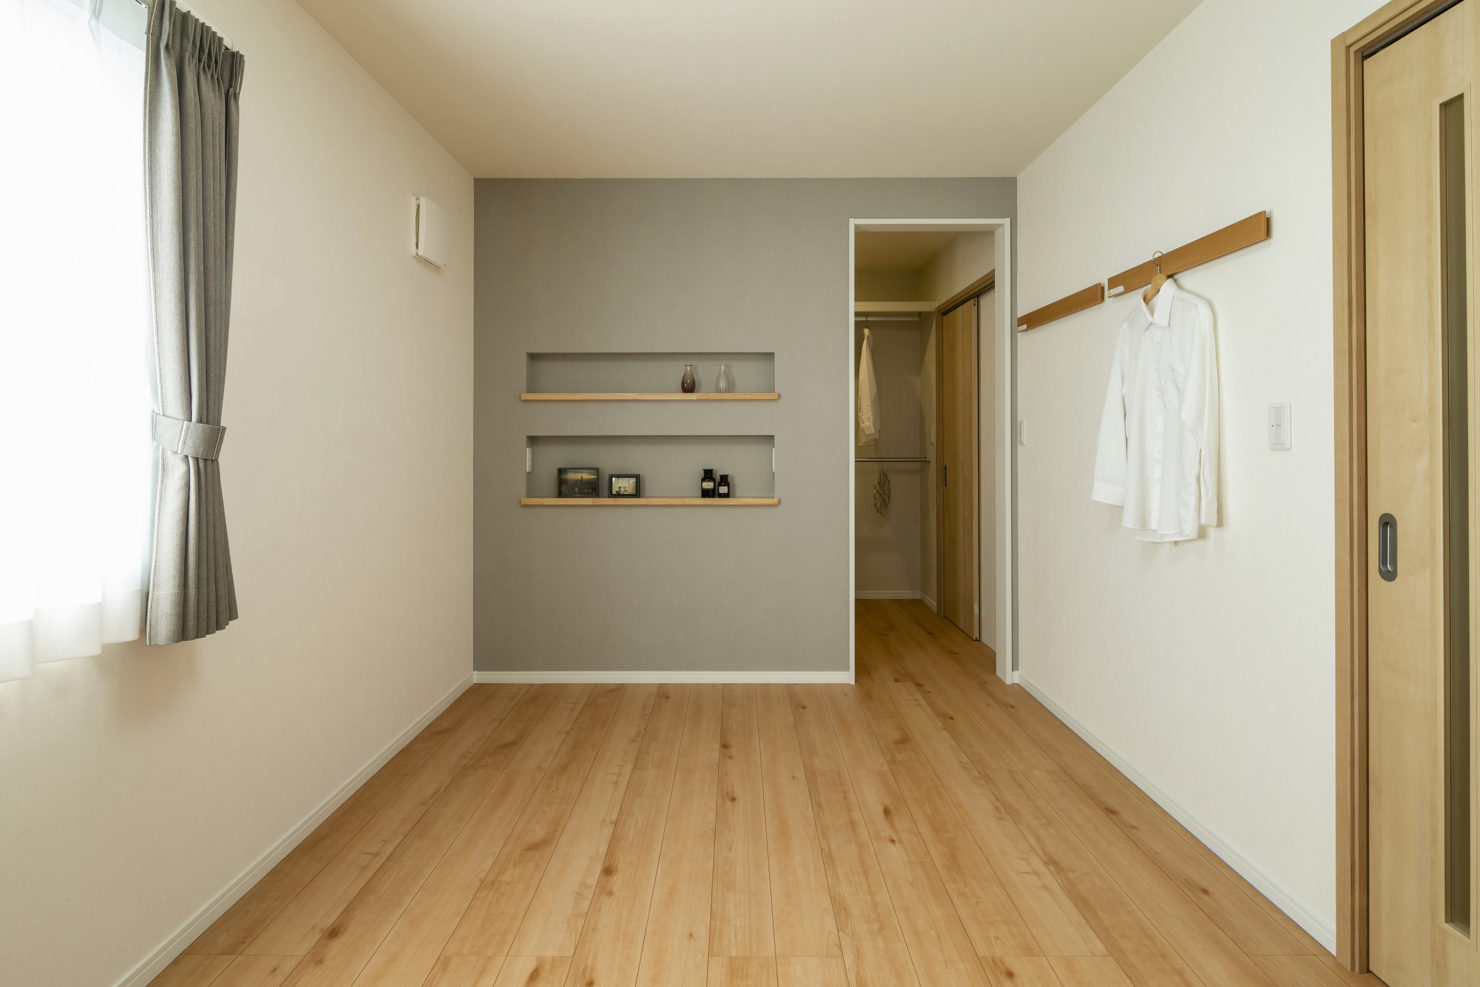 ハウスM21「朝・夕のゆとりを生む家事動線」寝室写真